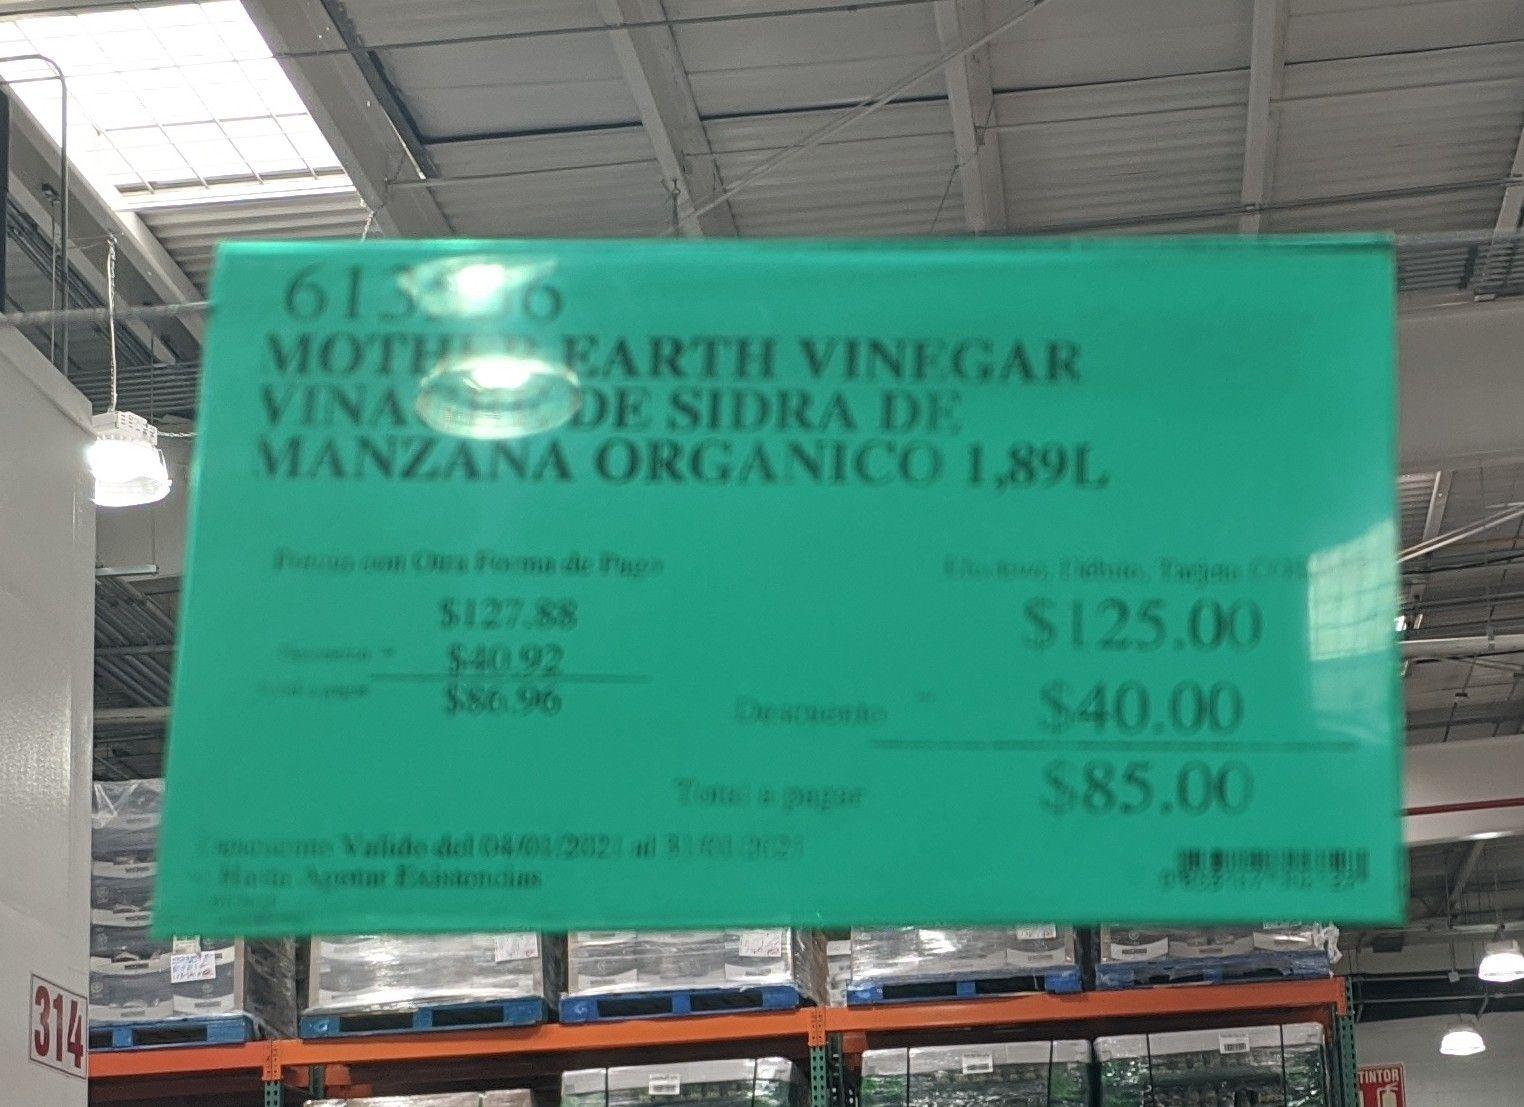 Costco - 1.89L Vinagre de Sidra de Manzana Organico incluye la madre